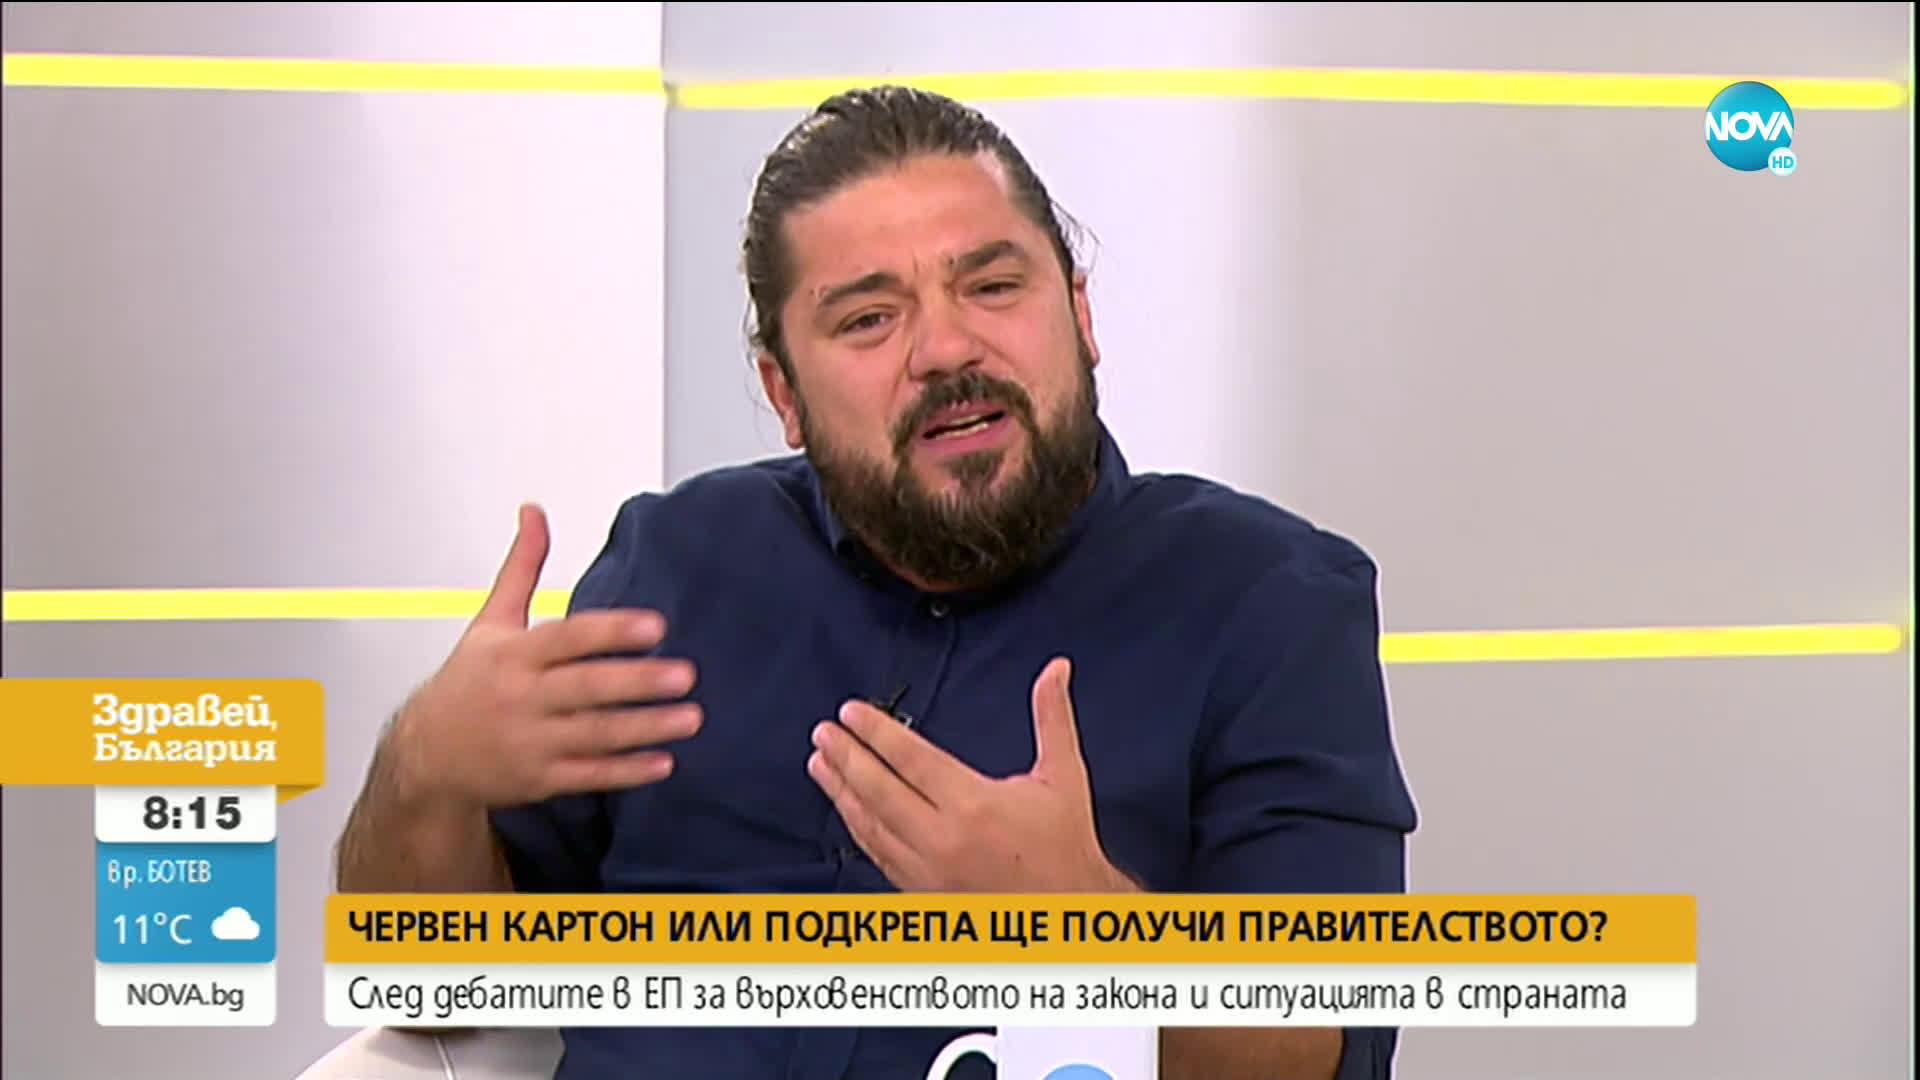 СЛЕД ДЕБАТИТЕ В ЕП: Червен картон или подкрепа ще получи българското правителство?